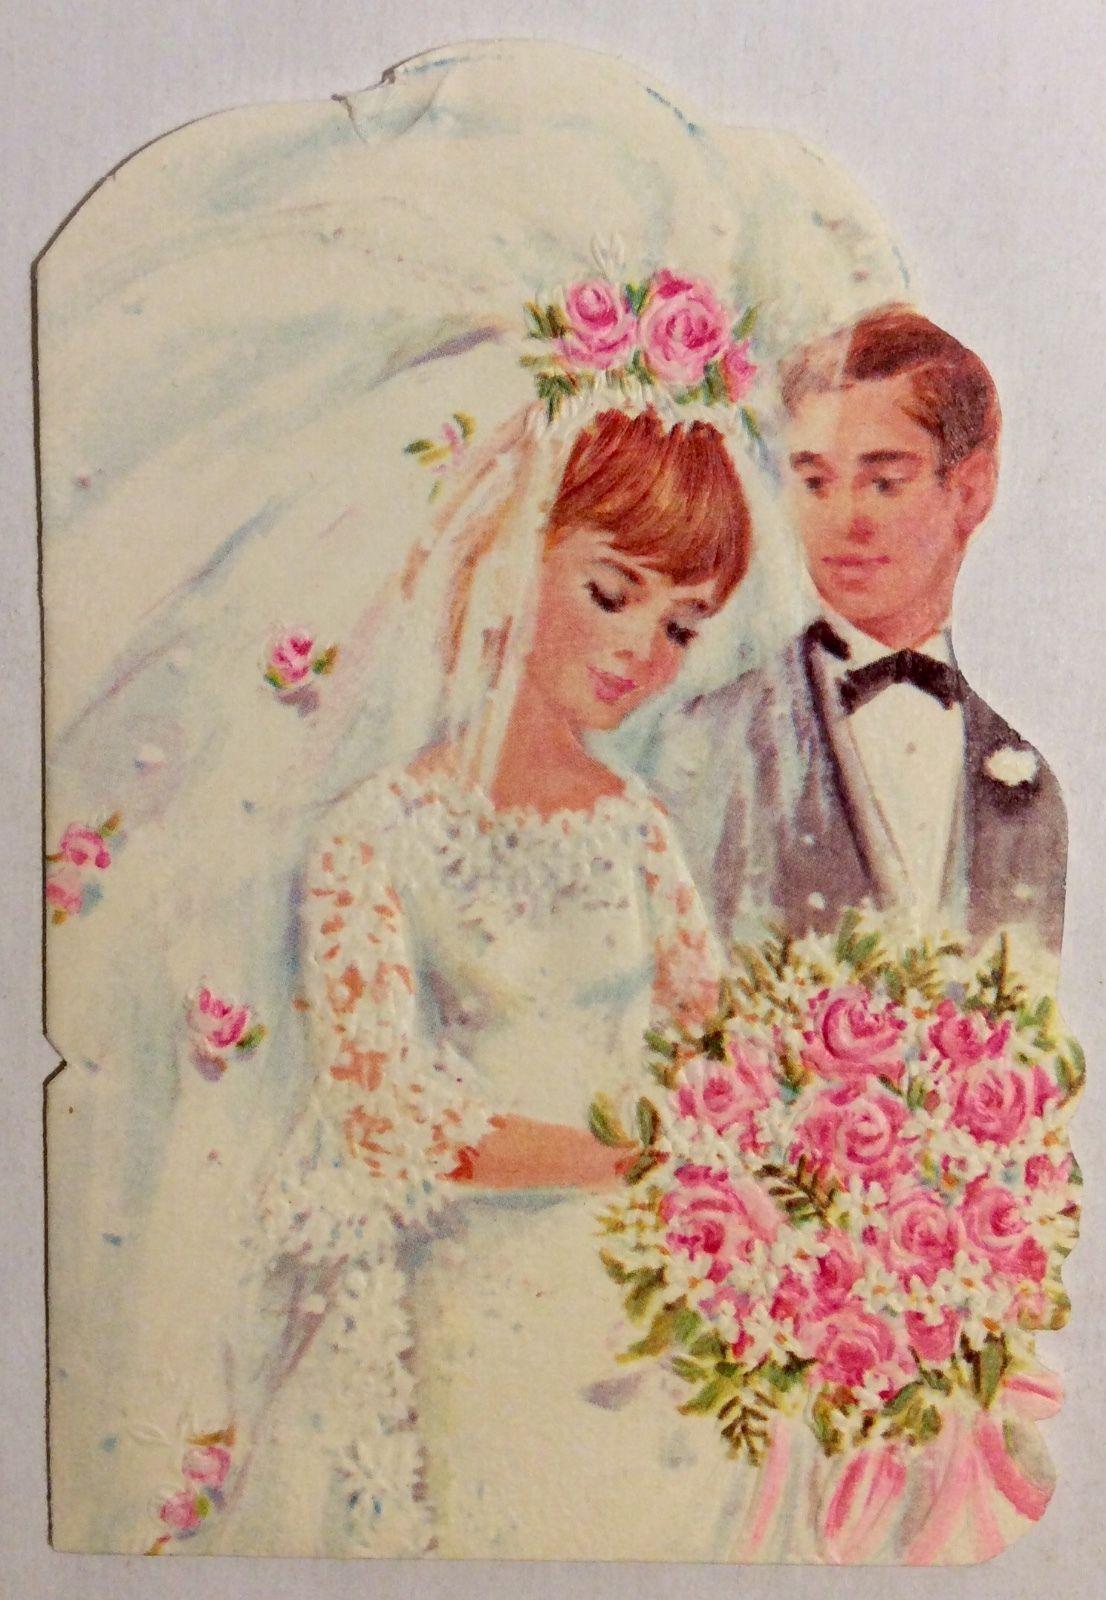 NORCROSS Pretty Bride Handsome Groom Embossed 60s Vintage Wedding Greeting Card